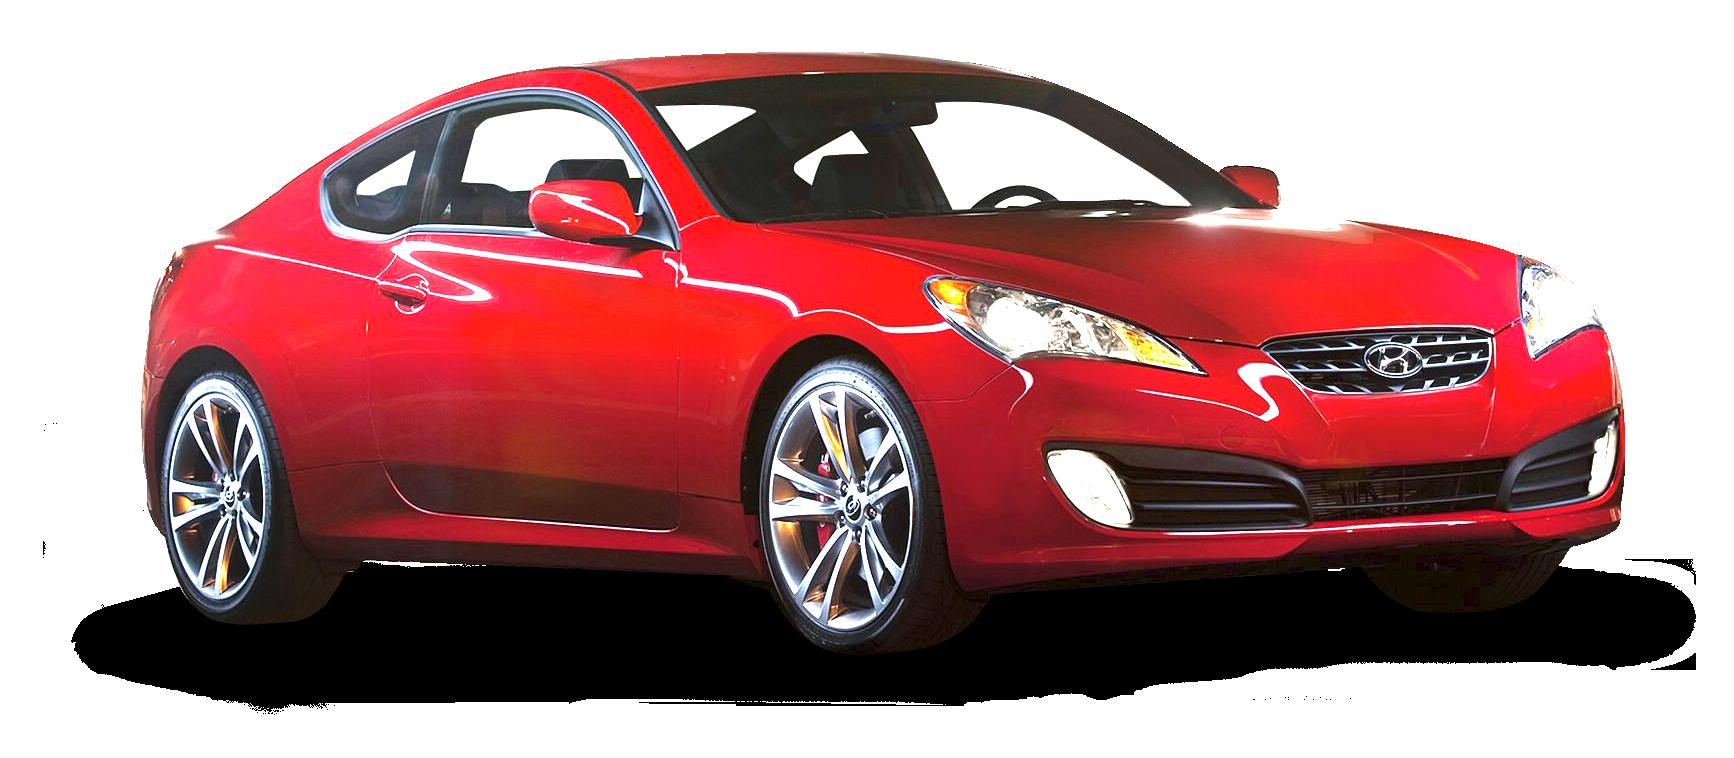 Hyundai Genesis Car PNG Image